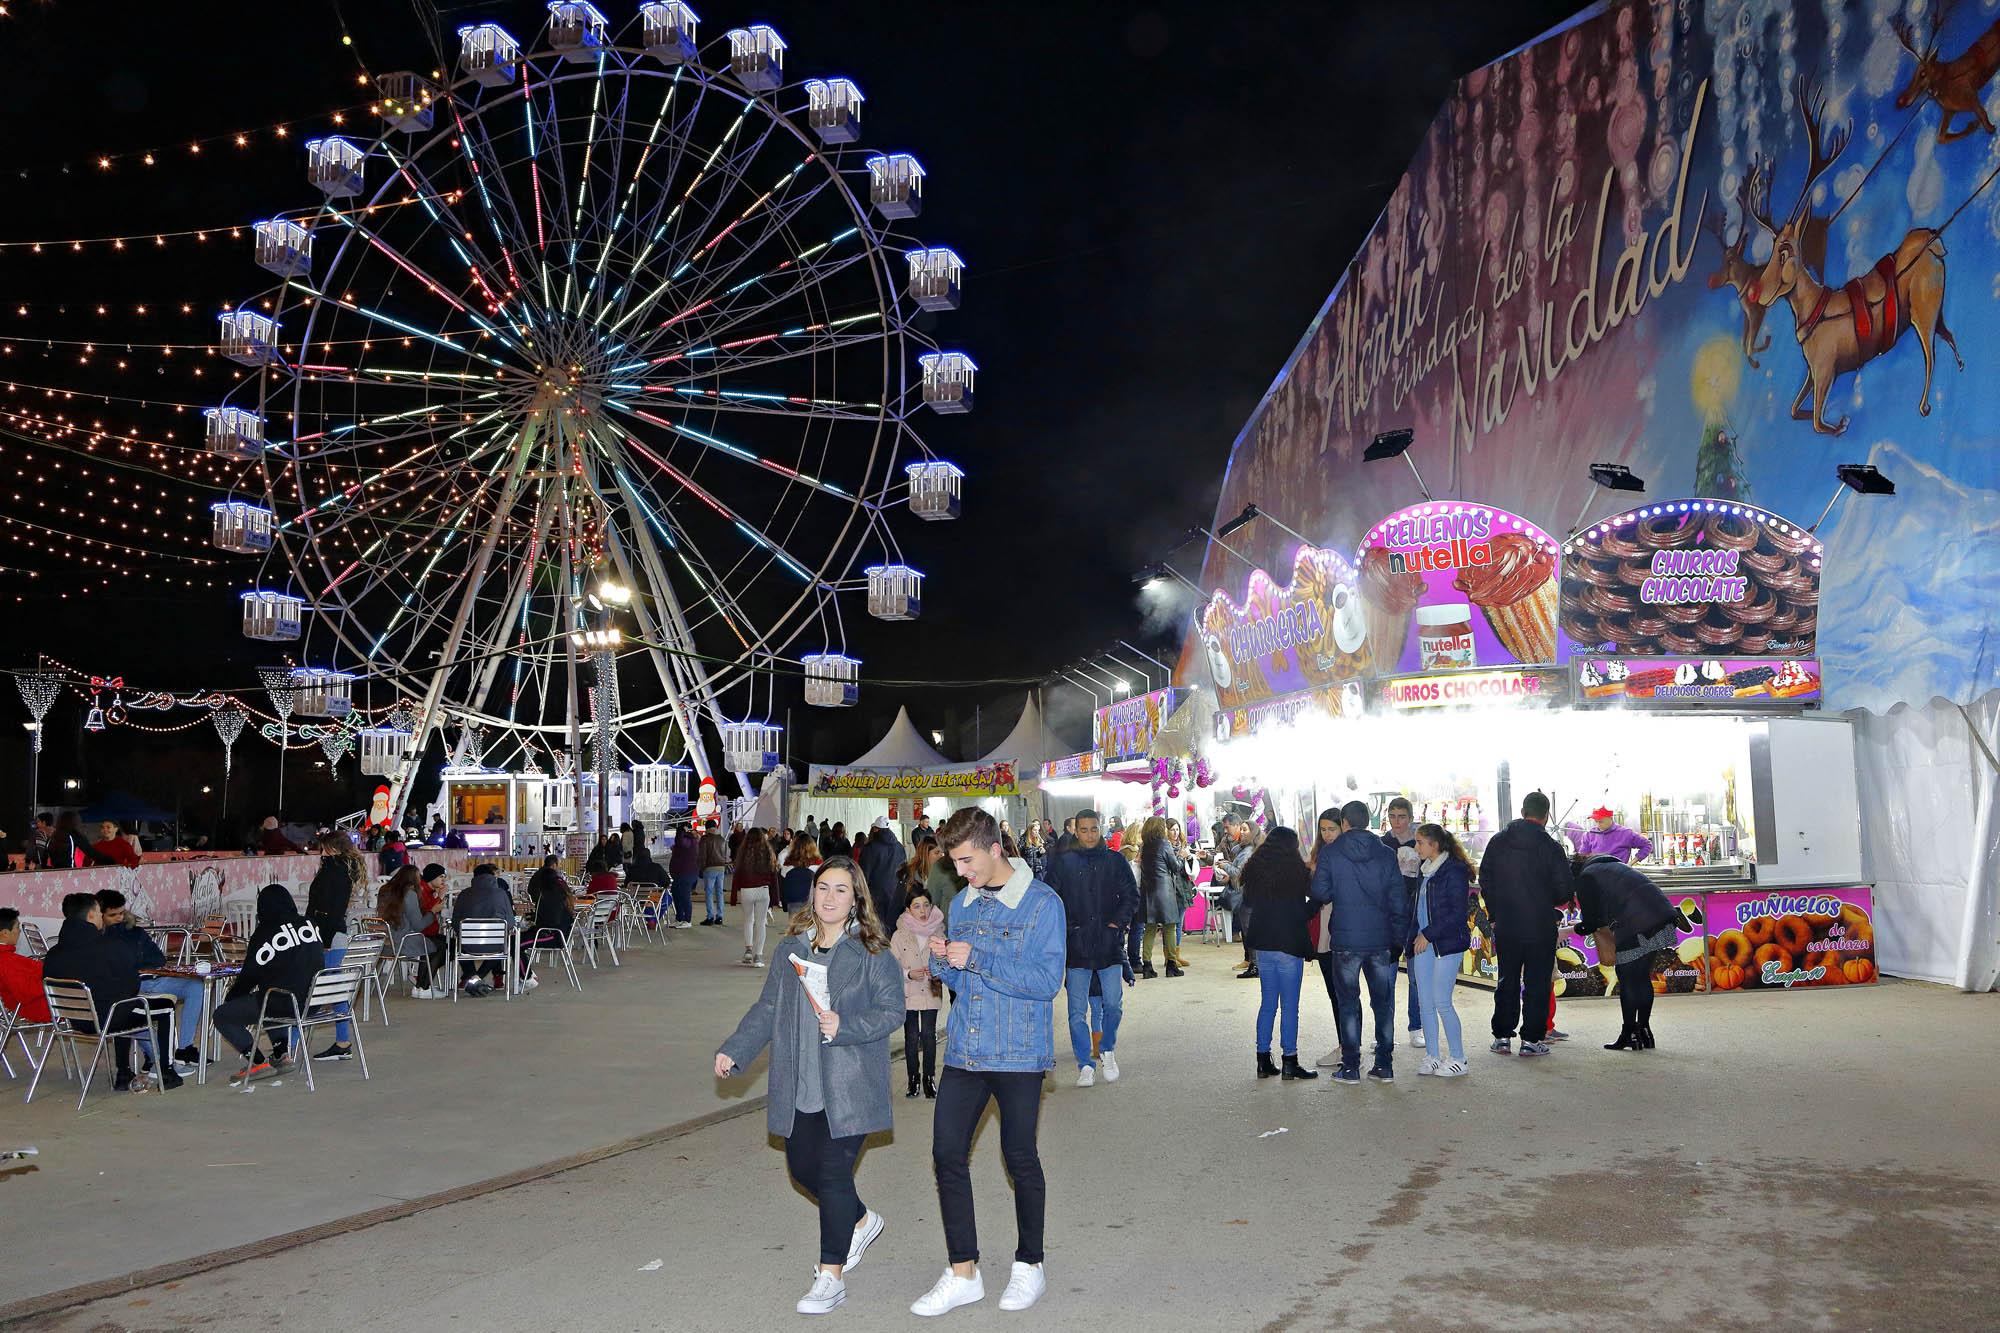 La gran carpa de las atracciones, la pista de hielo y la noria se encuentran en la misma zona del recinto.